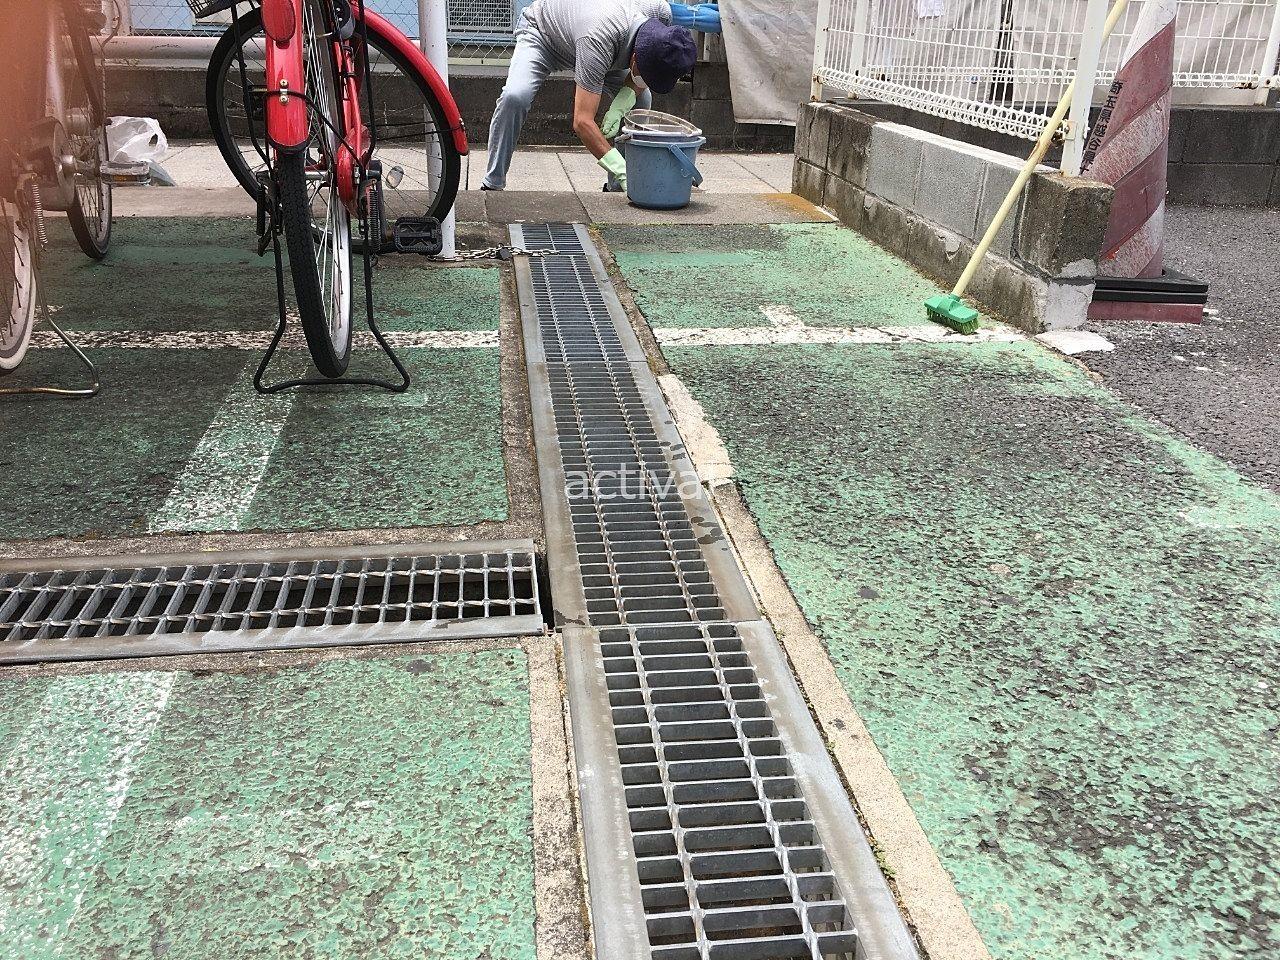 ア・ス・ヴェルデⅡにある排水溝を清掃しました!